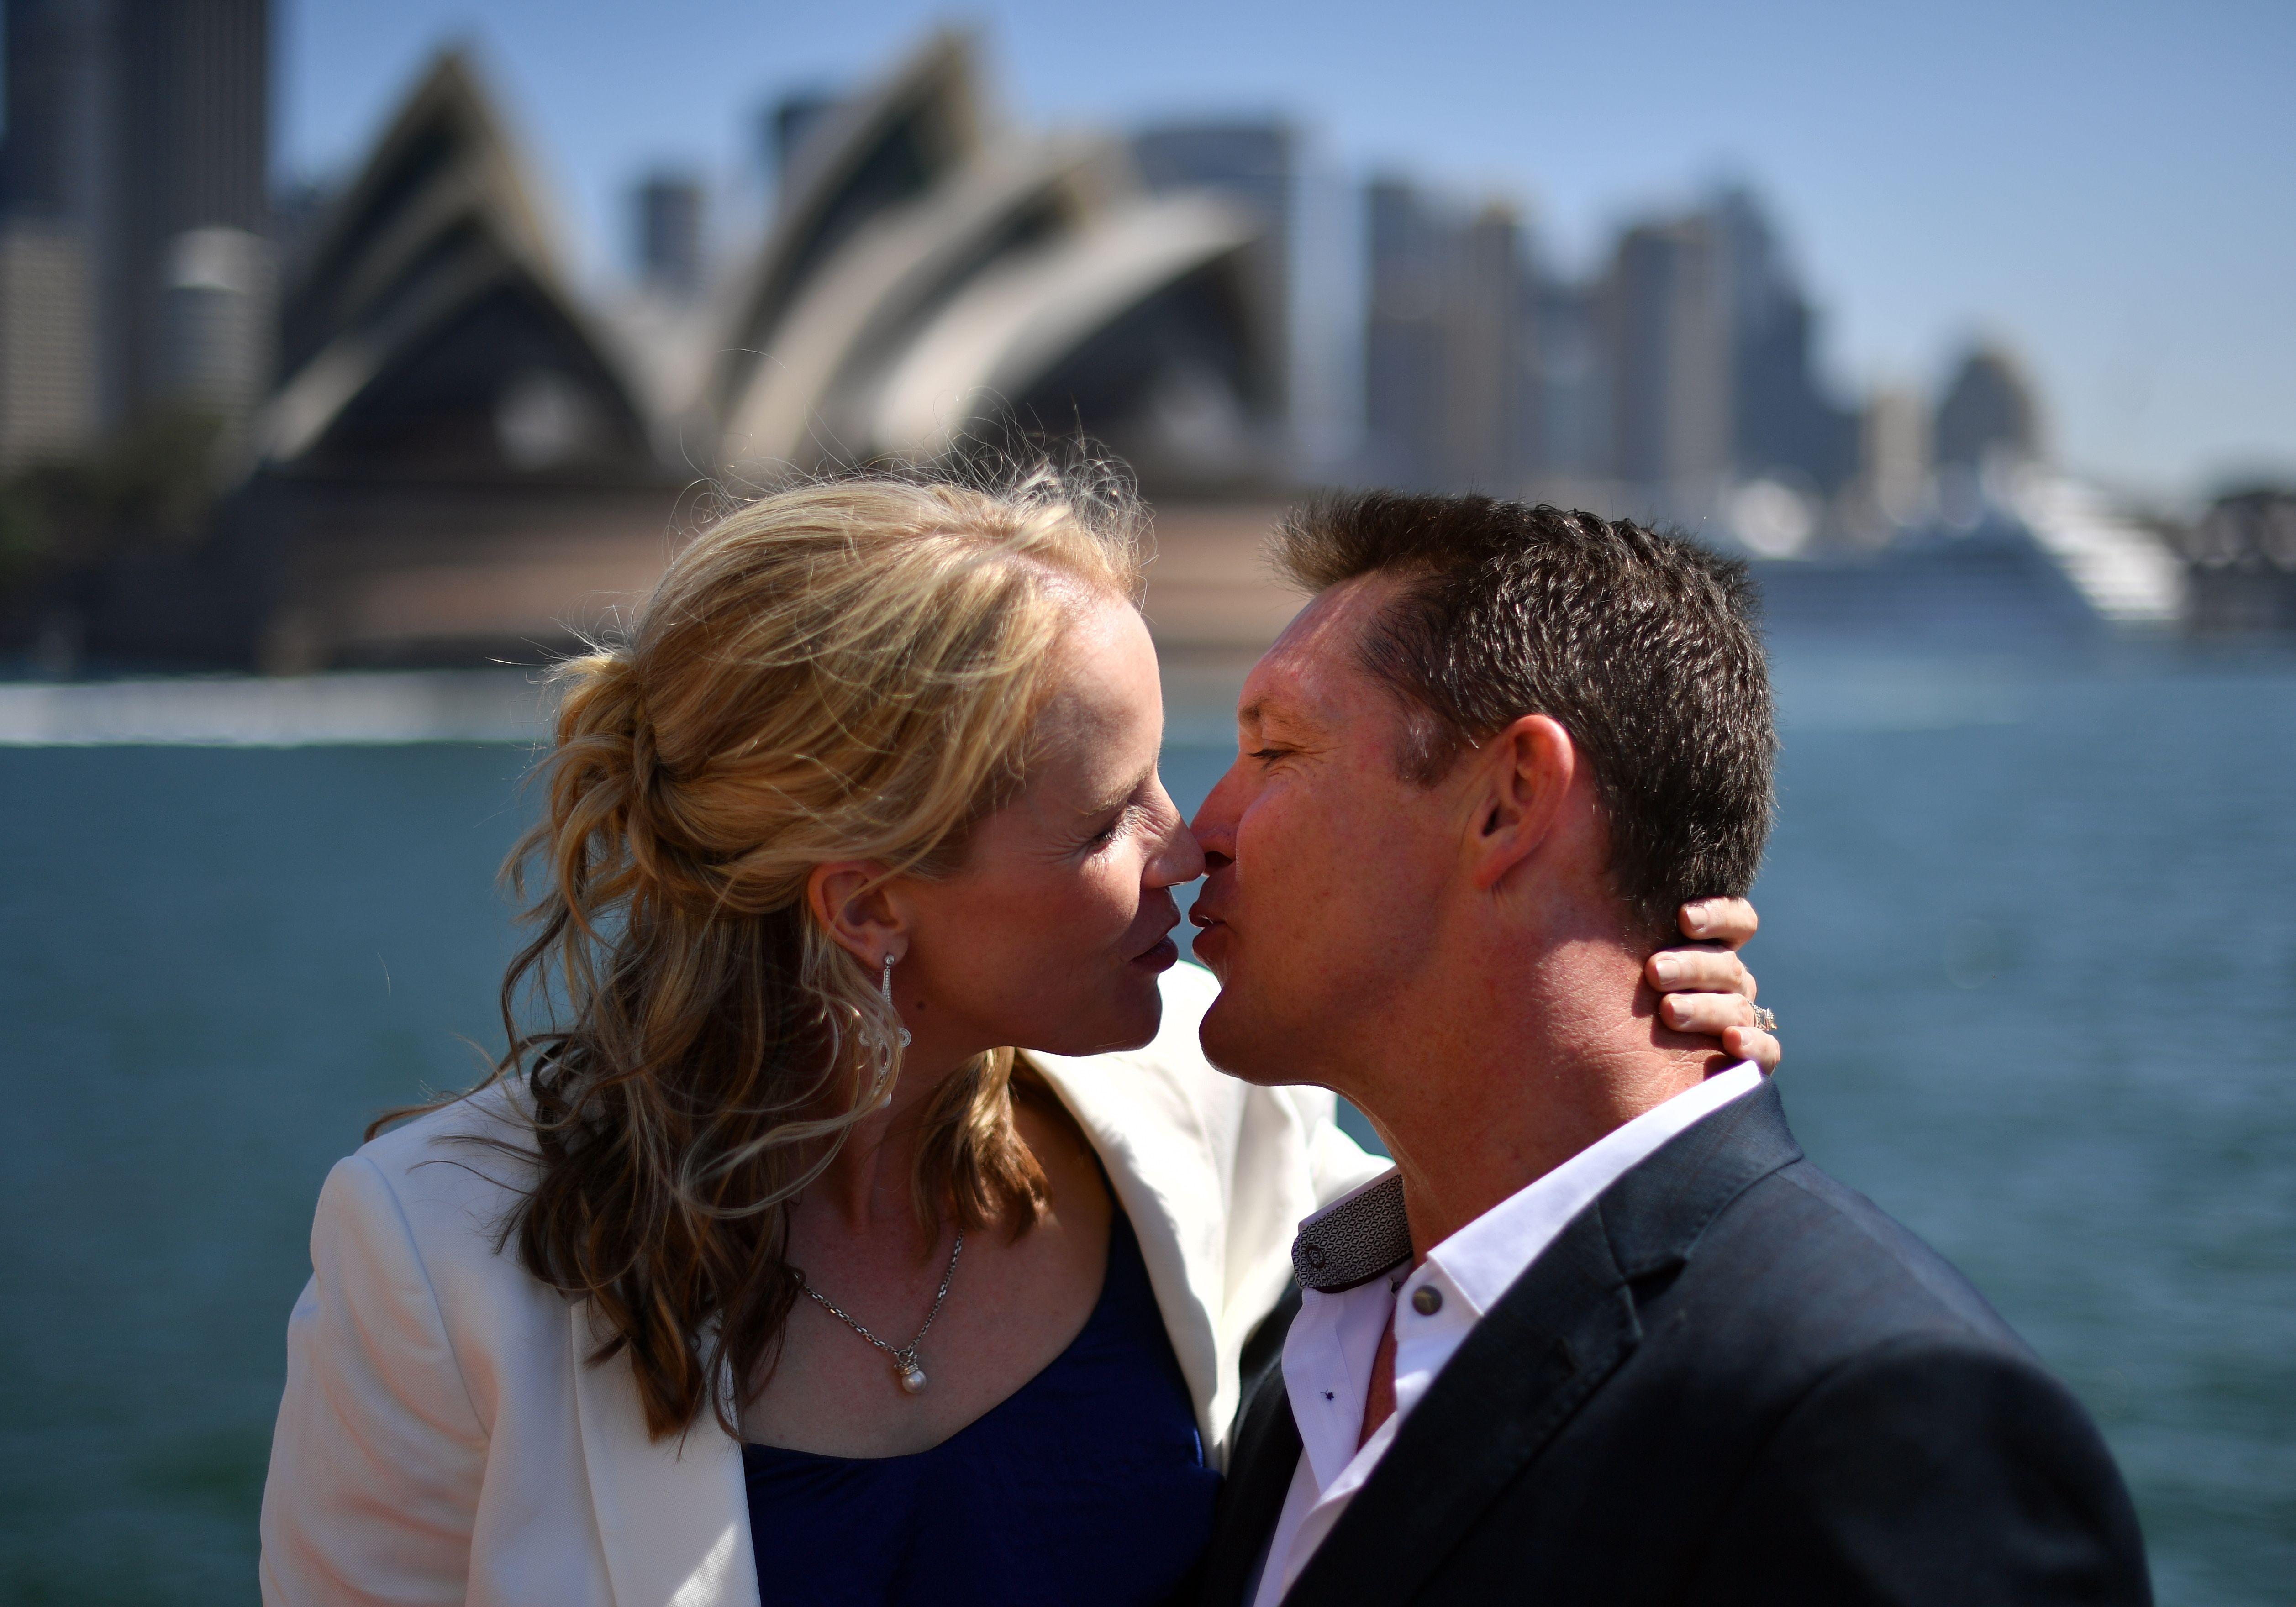 قبلة  حارة بين زوجين أمام دار الأوبرا الأسترالية فى سيدنى